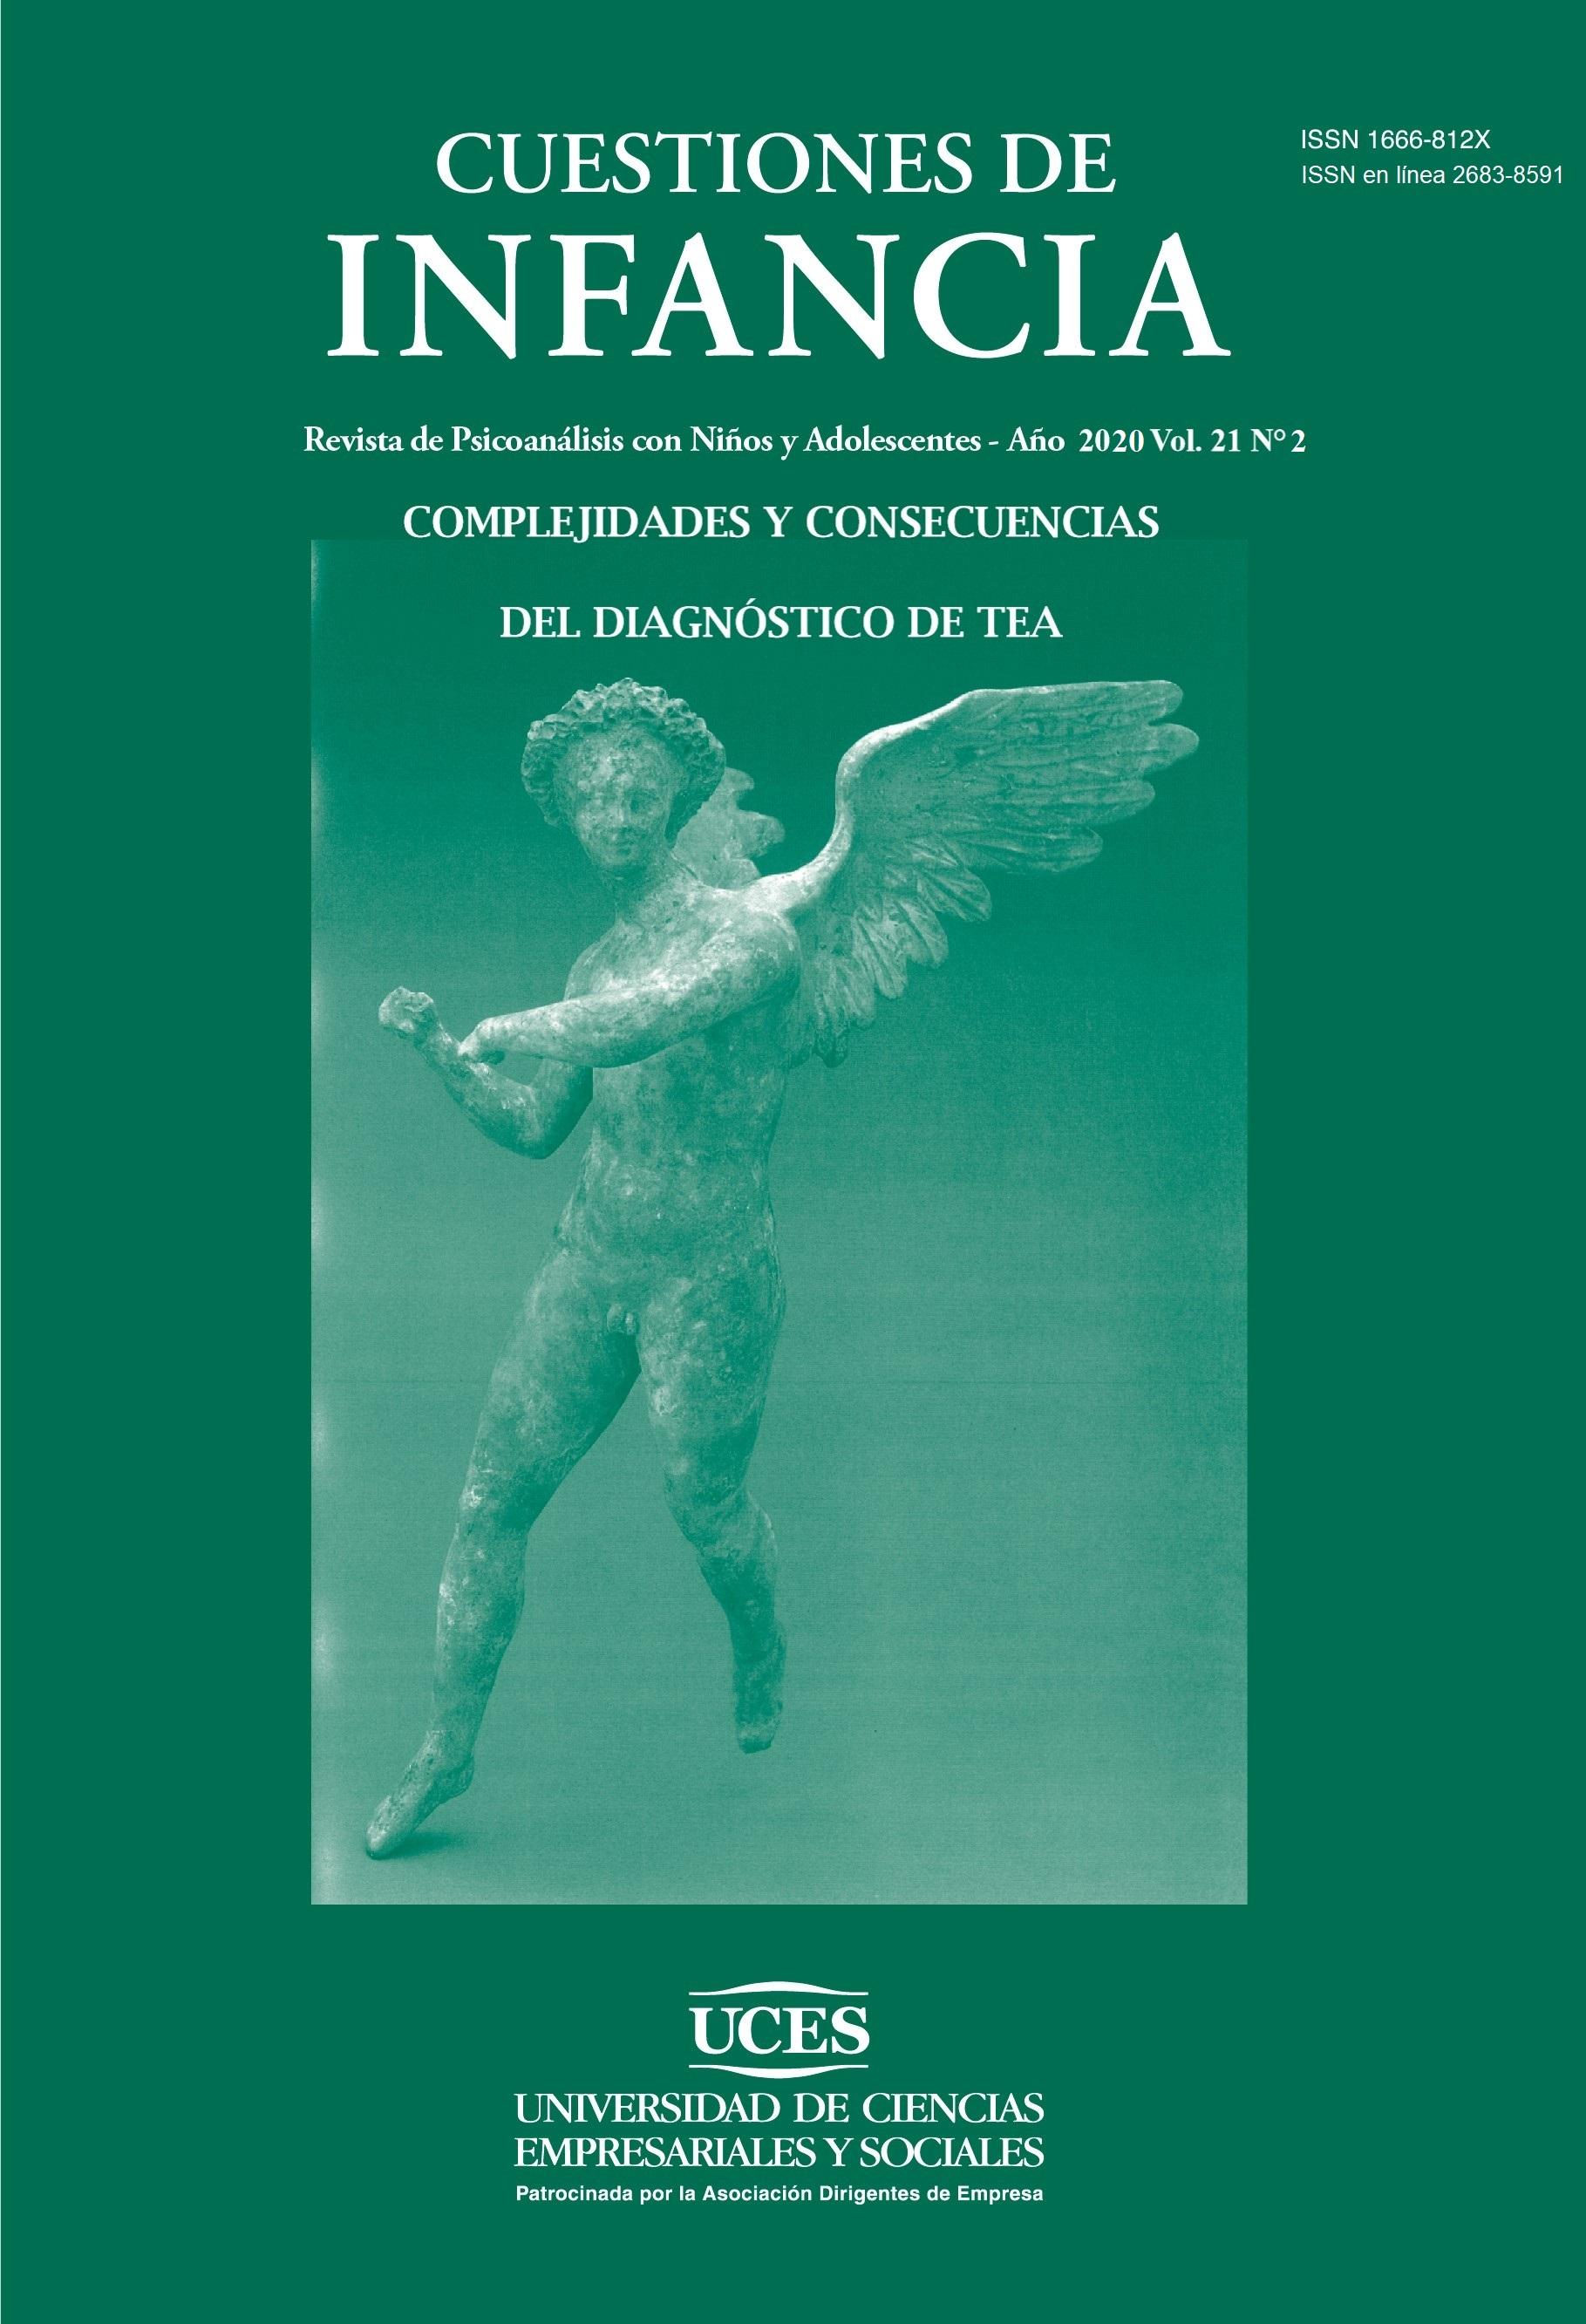 Complejidades y Consecuencias del diagnóstico de TEA. Vol. 21 N°22